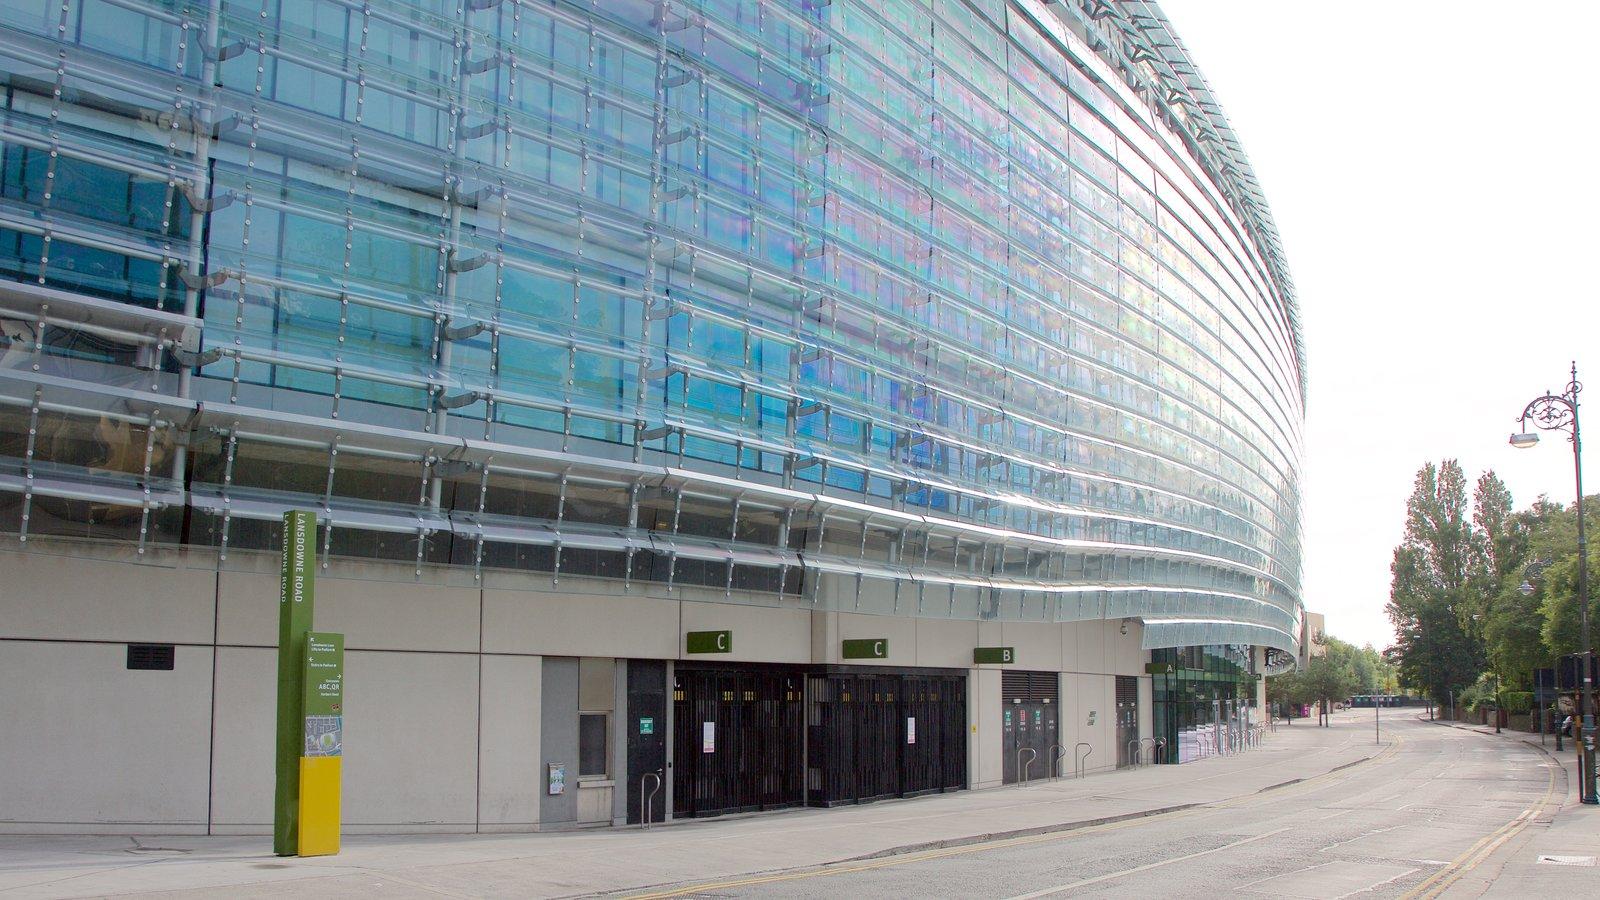 Estadio Aviva que incluye escenas urbanas y arquitectura moderna